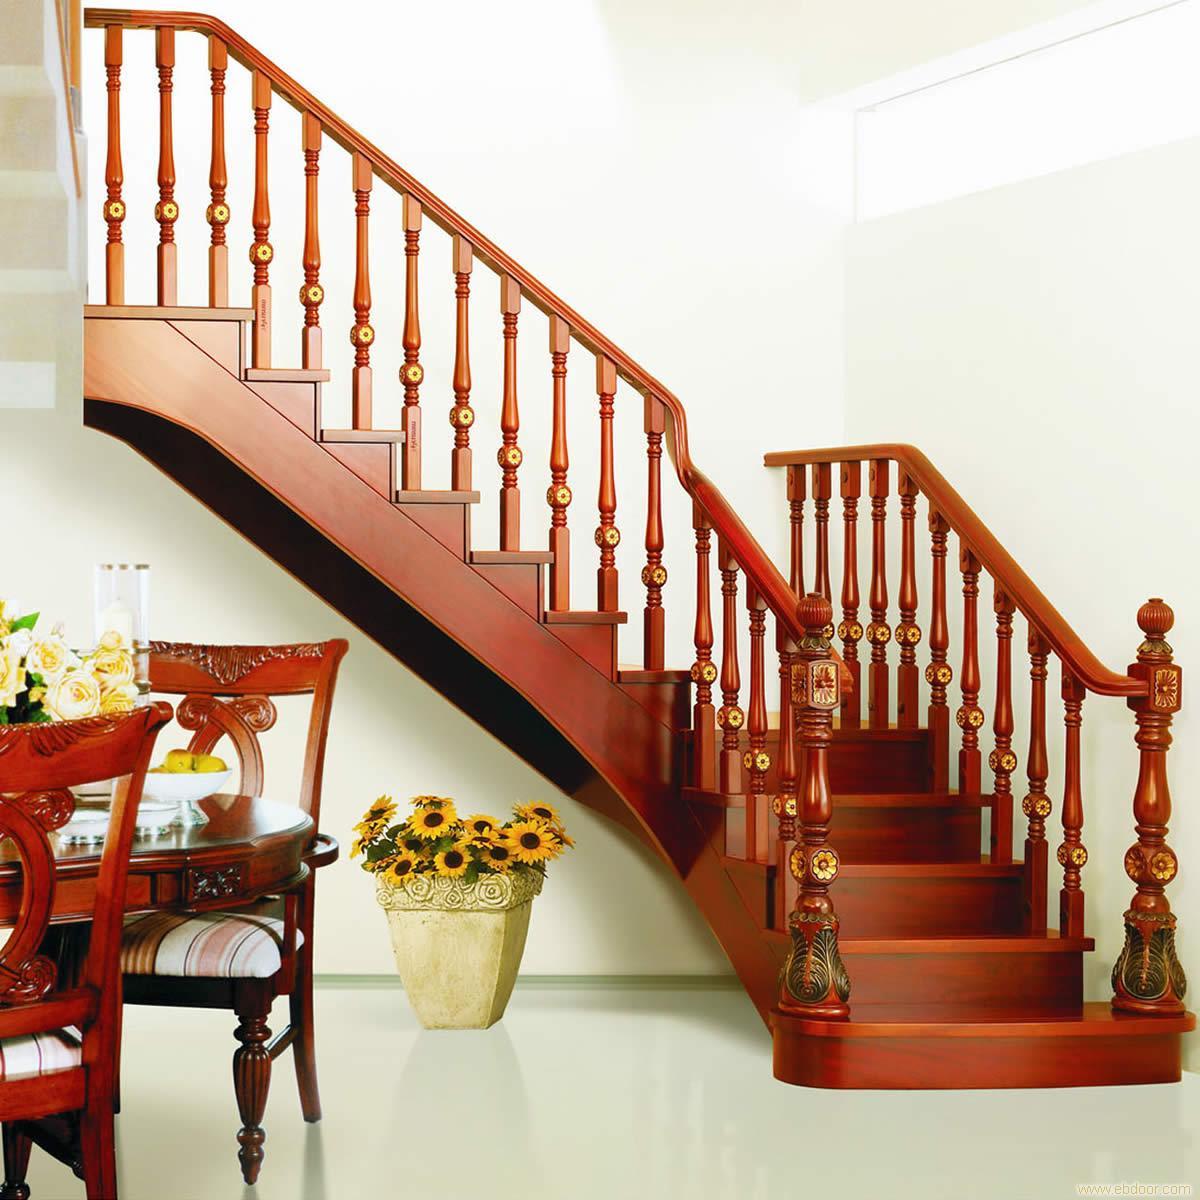 上海实木证书价格_建筑楼梯_上海实木价格价定做cad设计师楼梯图片